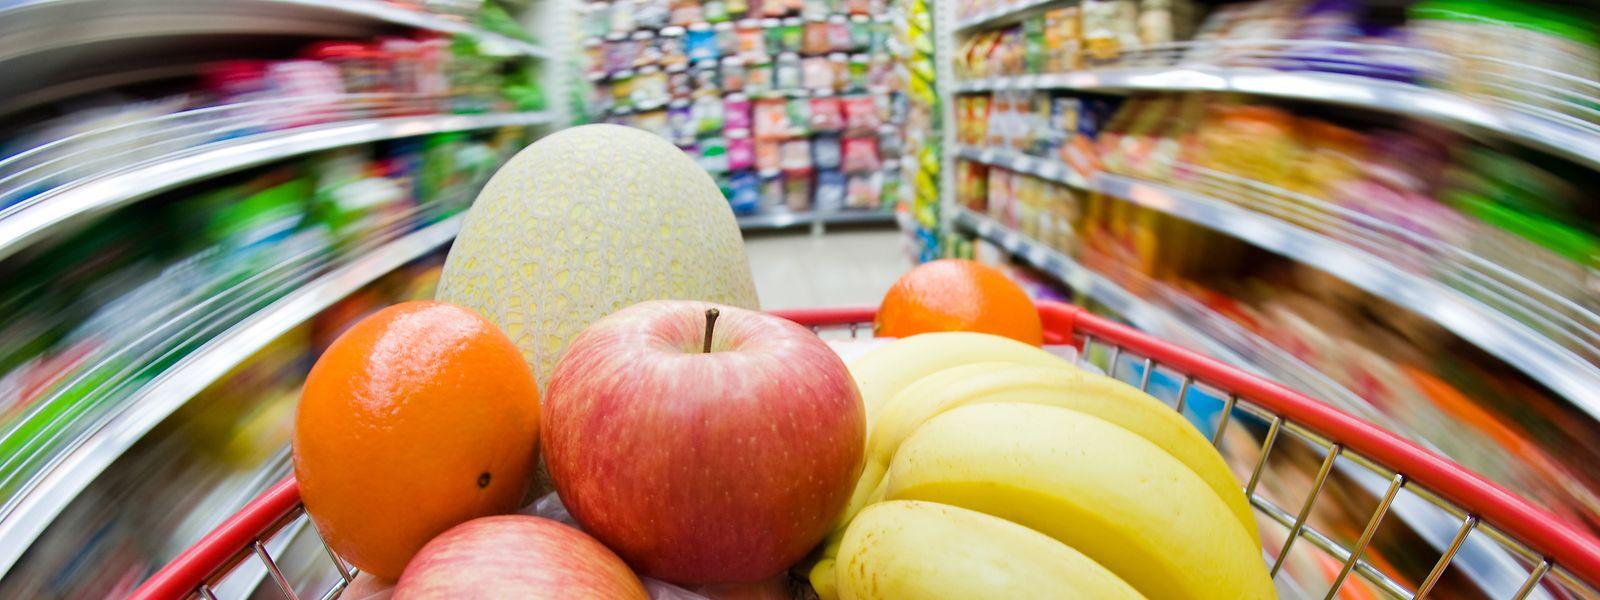 Environ 68.000 tonnes de déchets alimentaires encore comestibles sont jetés tous les ans au Luxembourg.